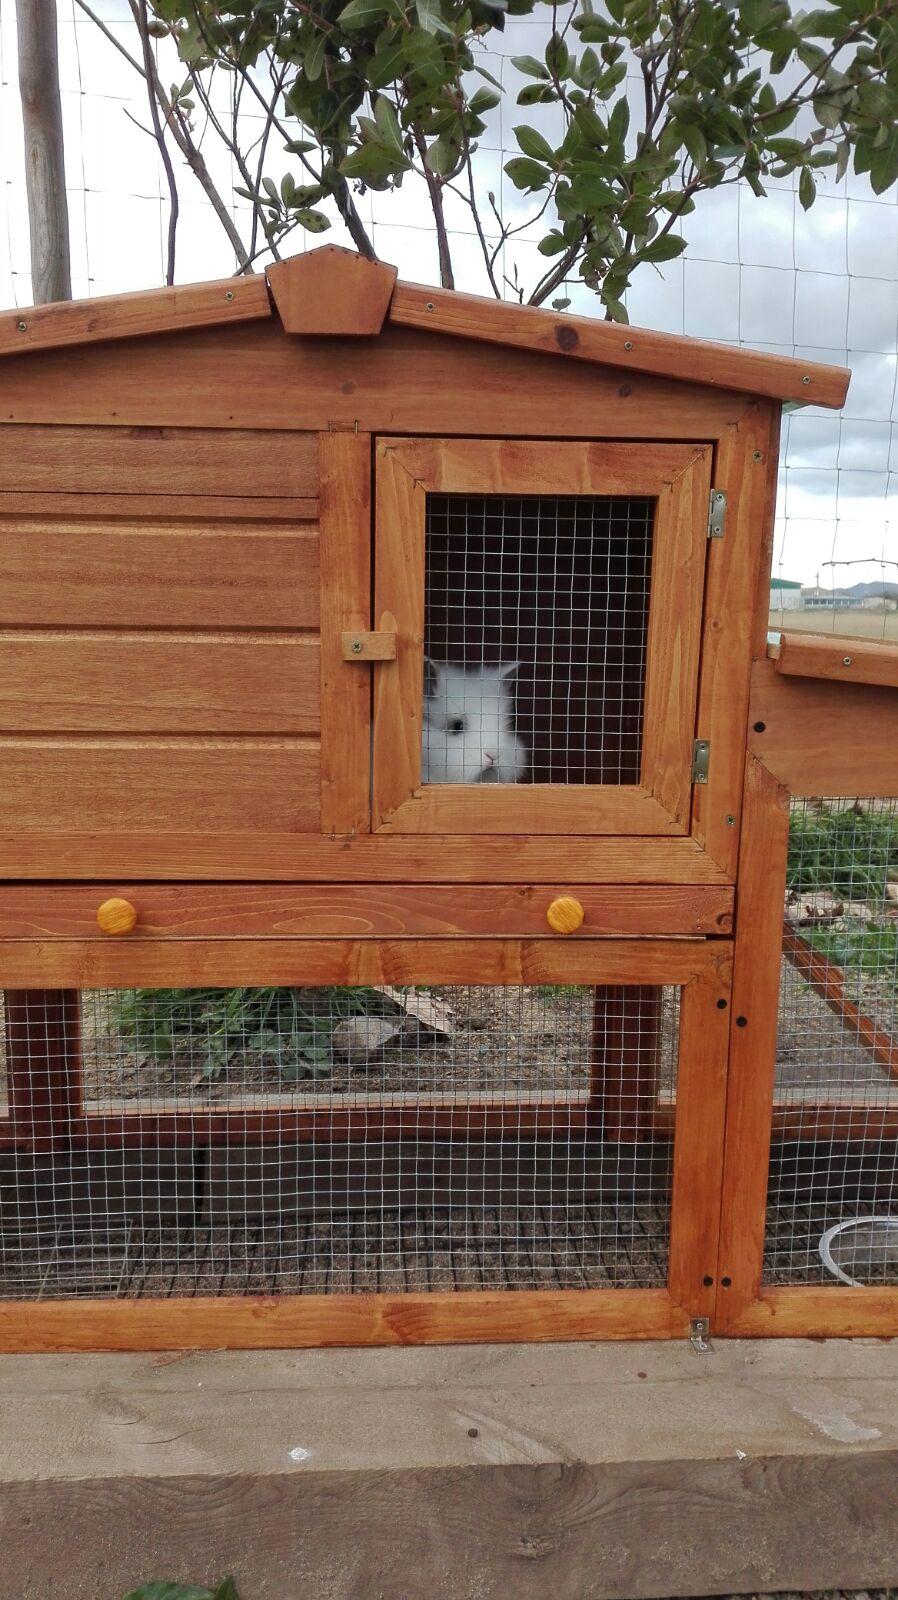 caseta conill mirant finestra picnic les 3 flors